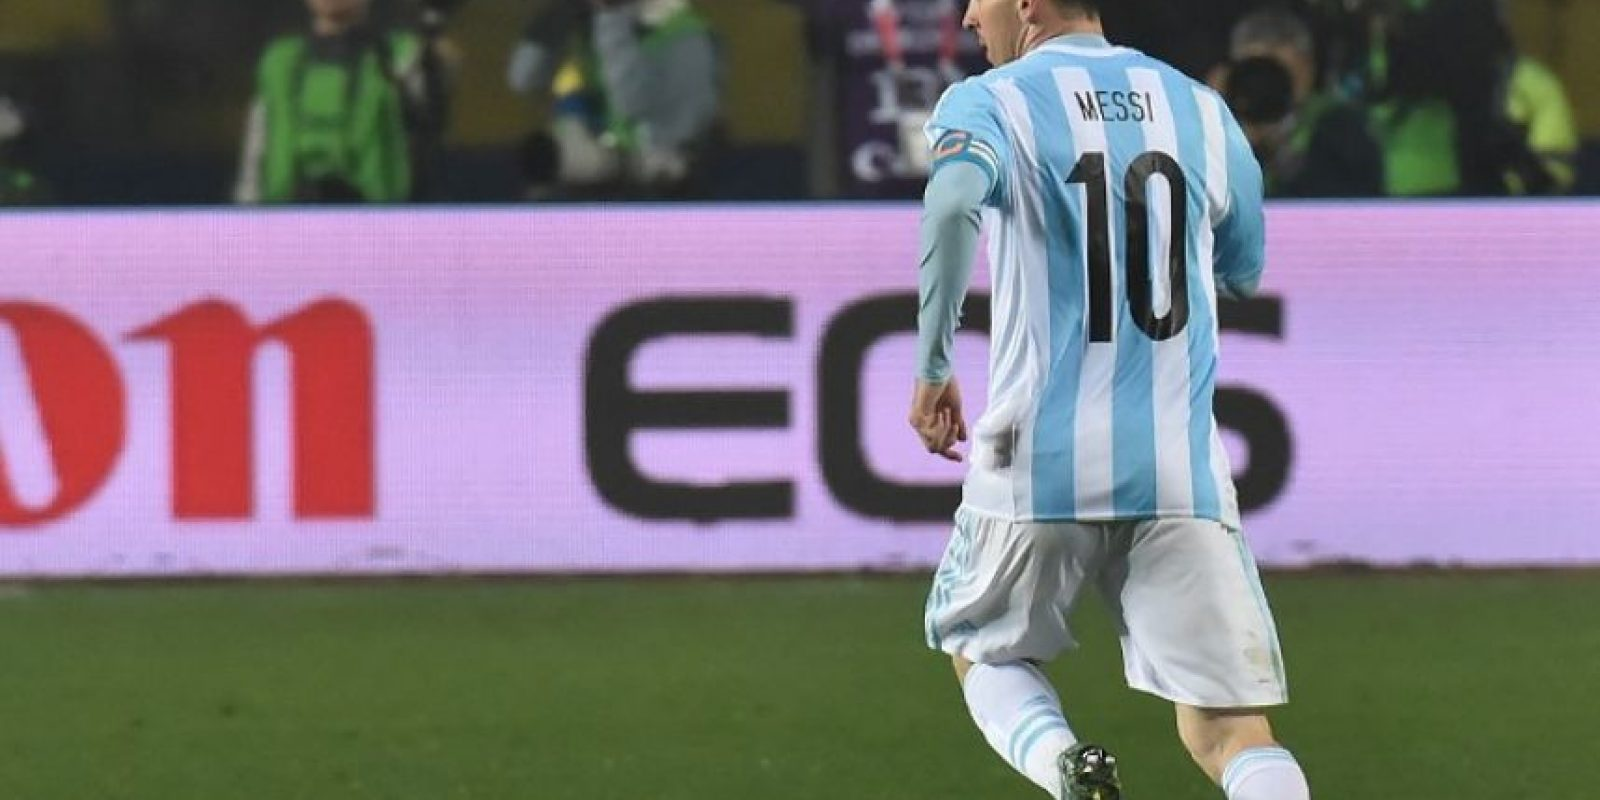 Pero Argentina tiene a Lionel Messi, el mejor futbolista de los últimos tiempos, quien también anhela un título con su selección Foto:AFP